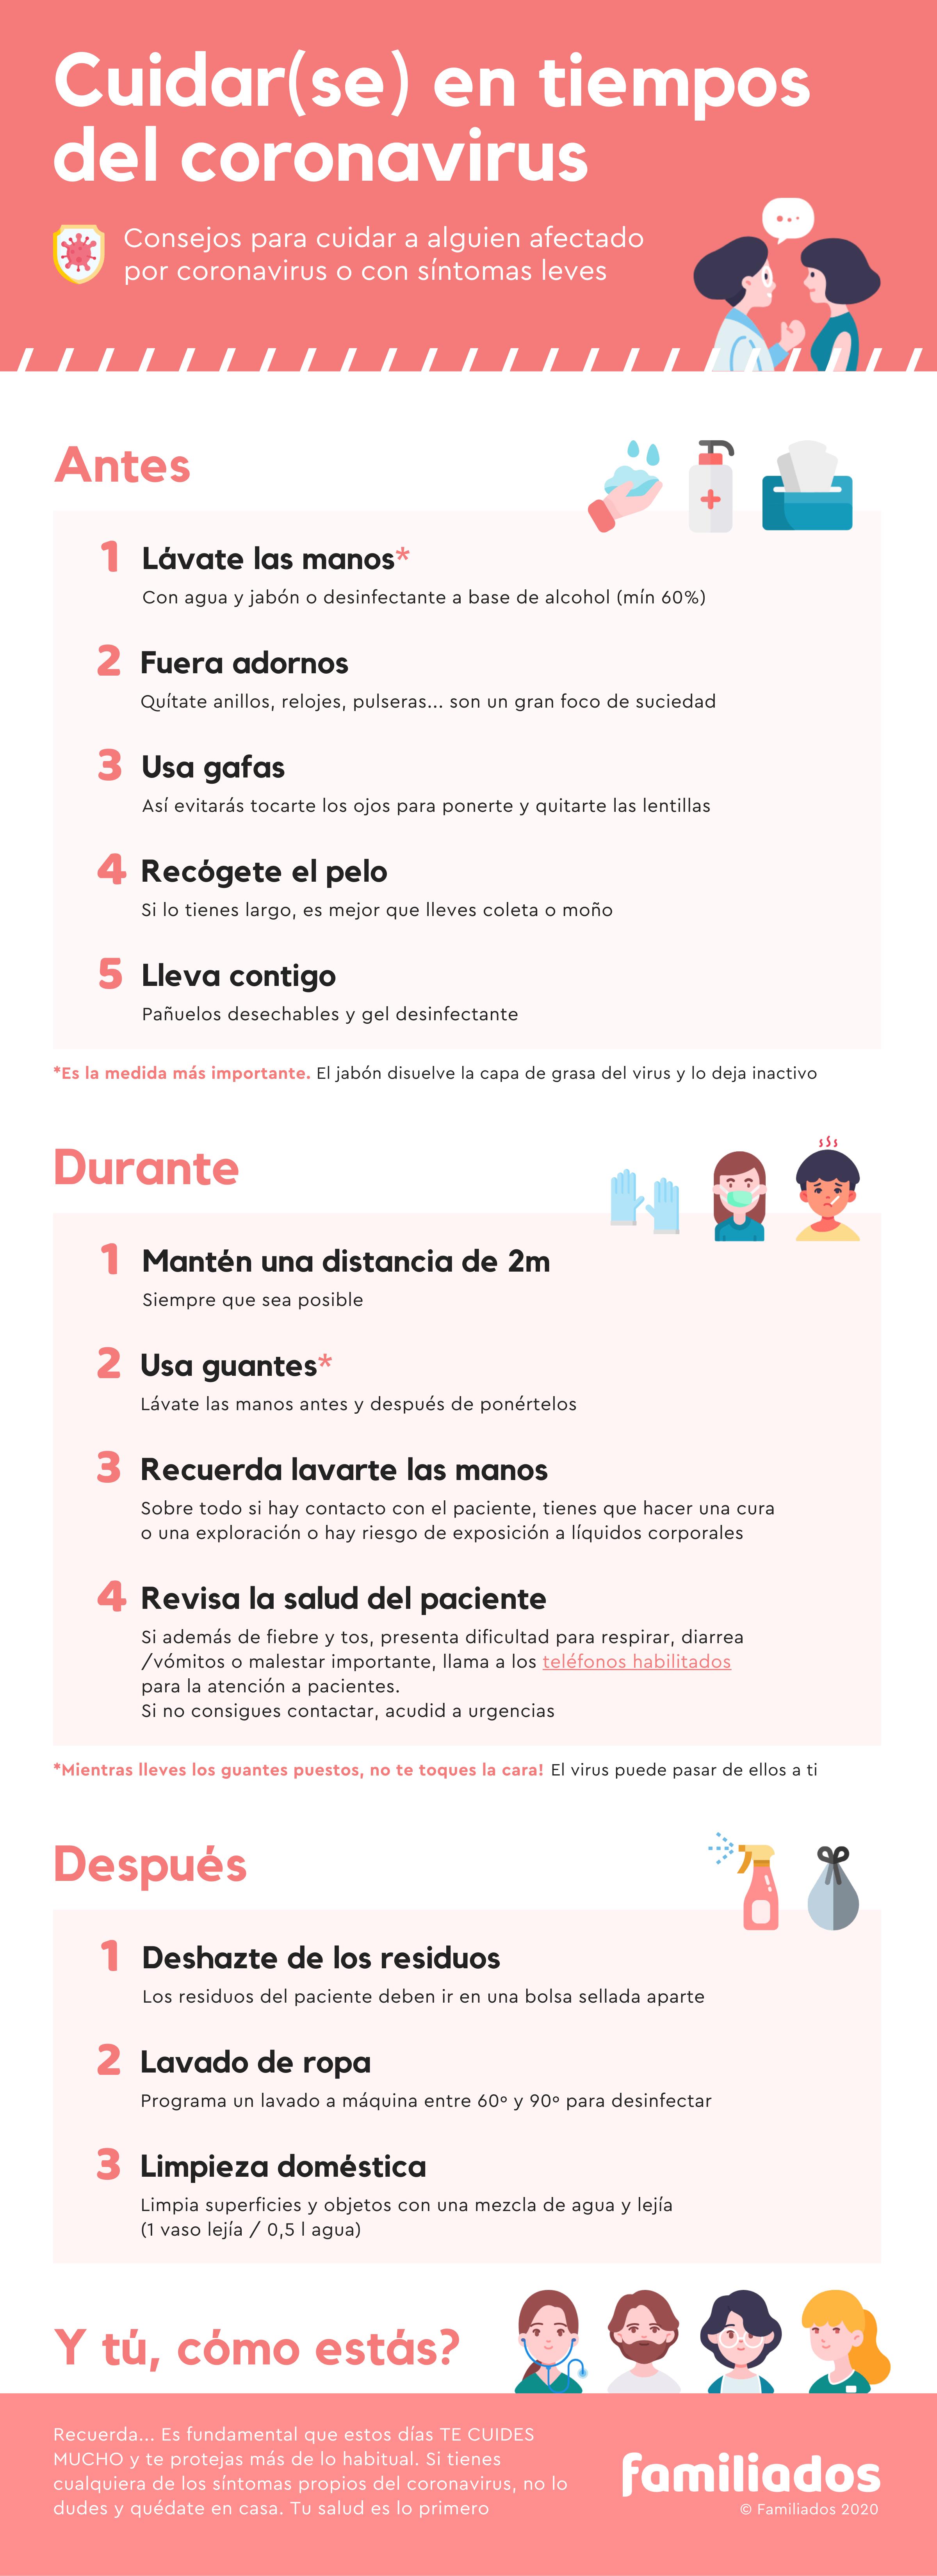 Infografía Cuidarse en tiempos de coronavirus